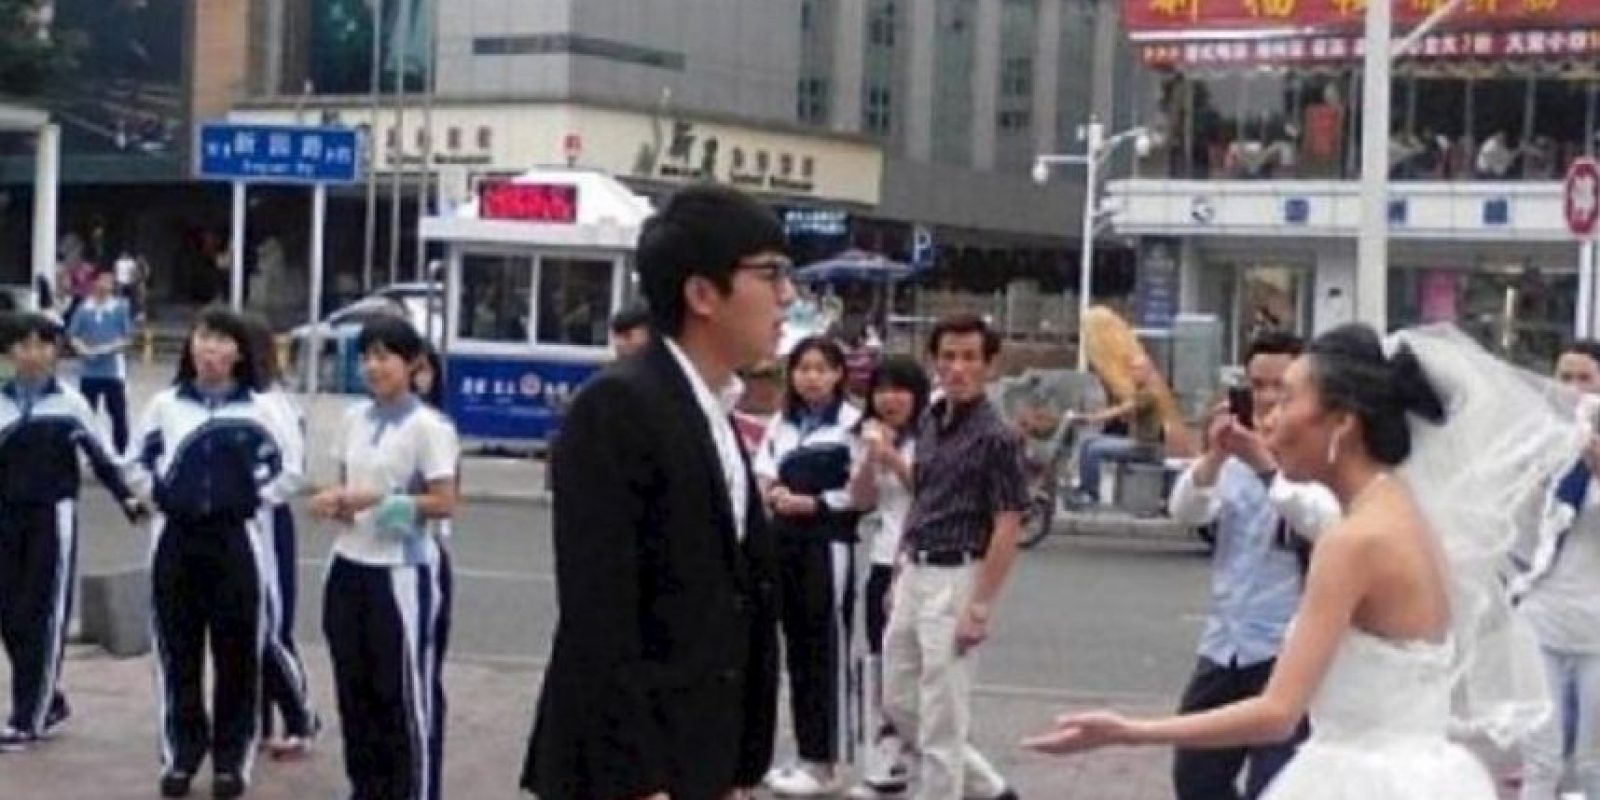 Generó más bien una escena humillante Foto:Weibo